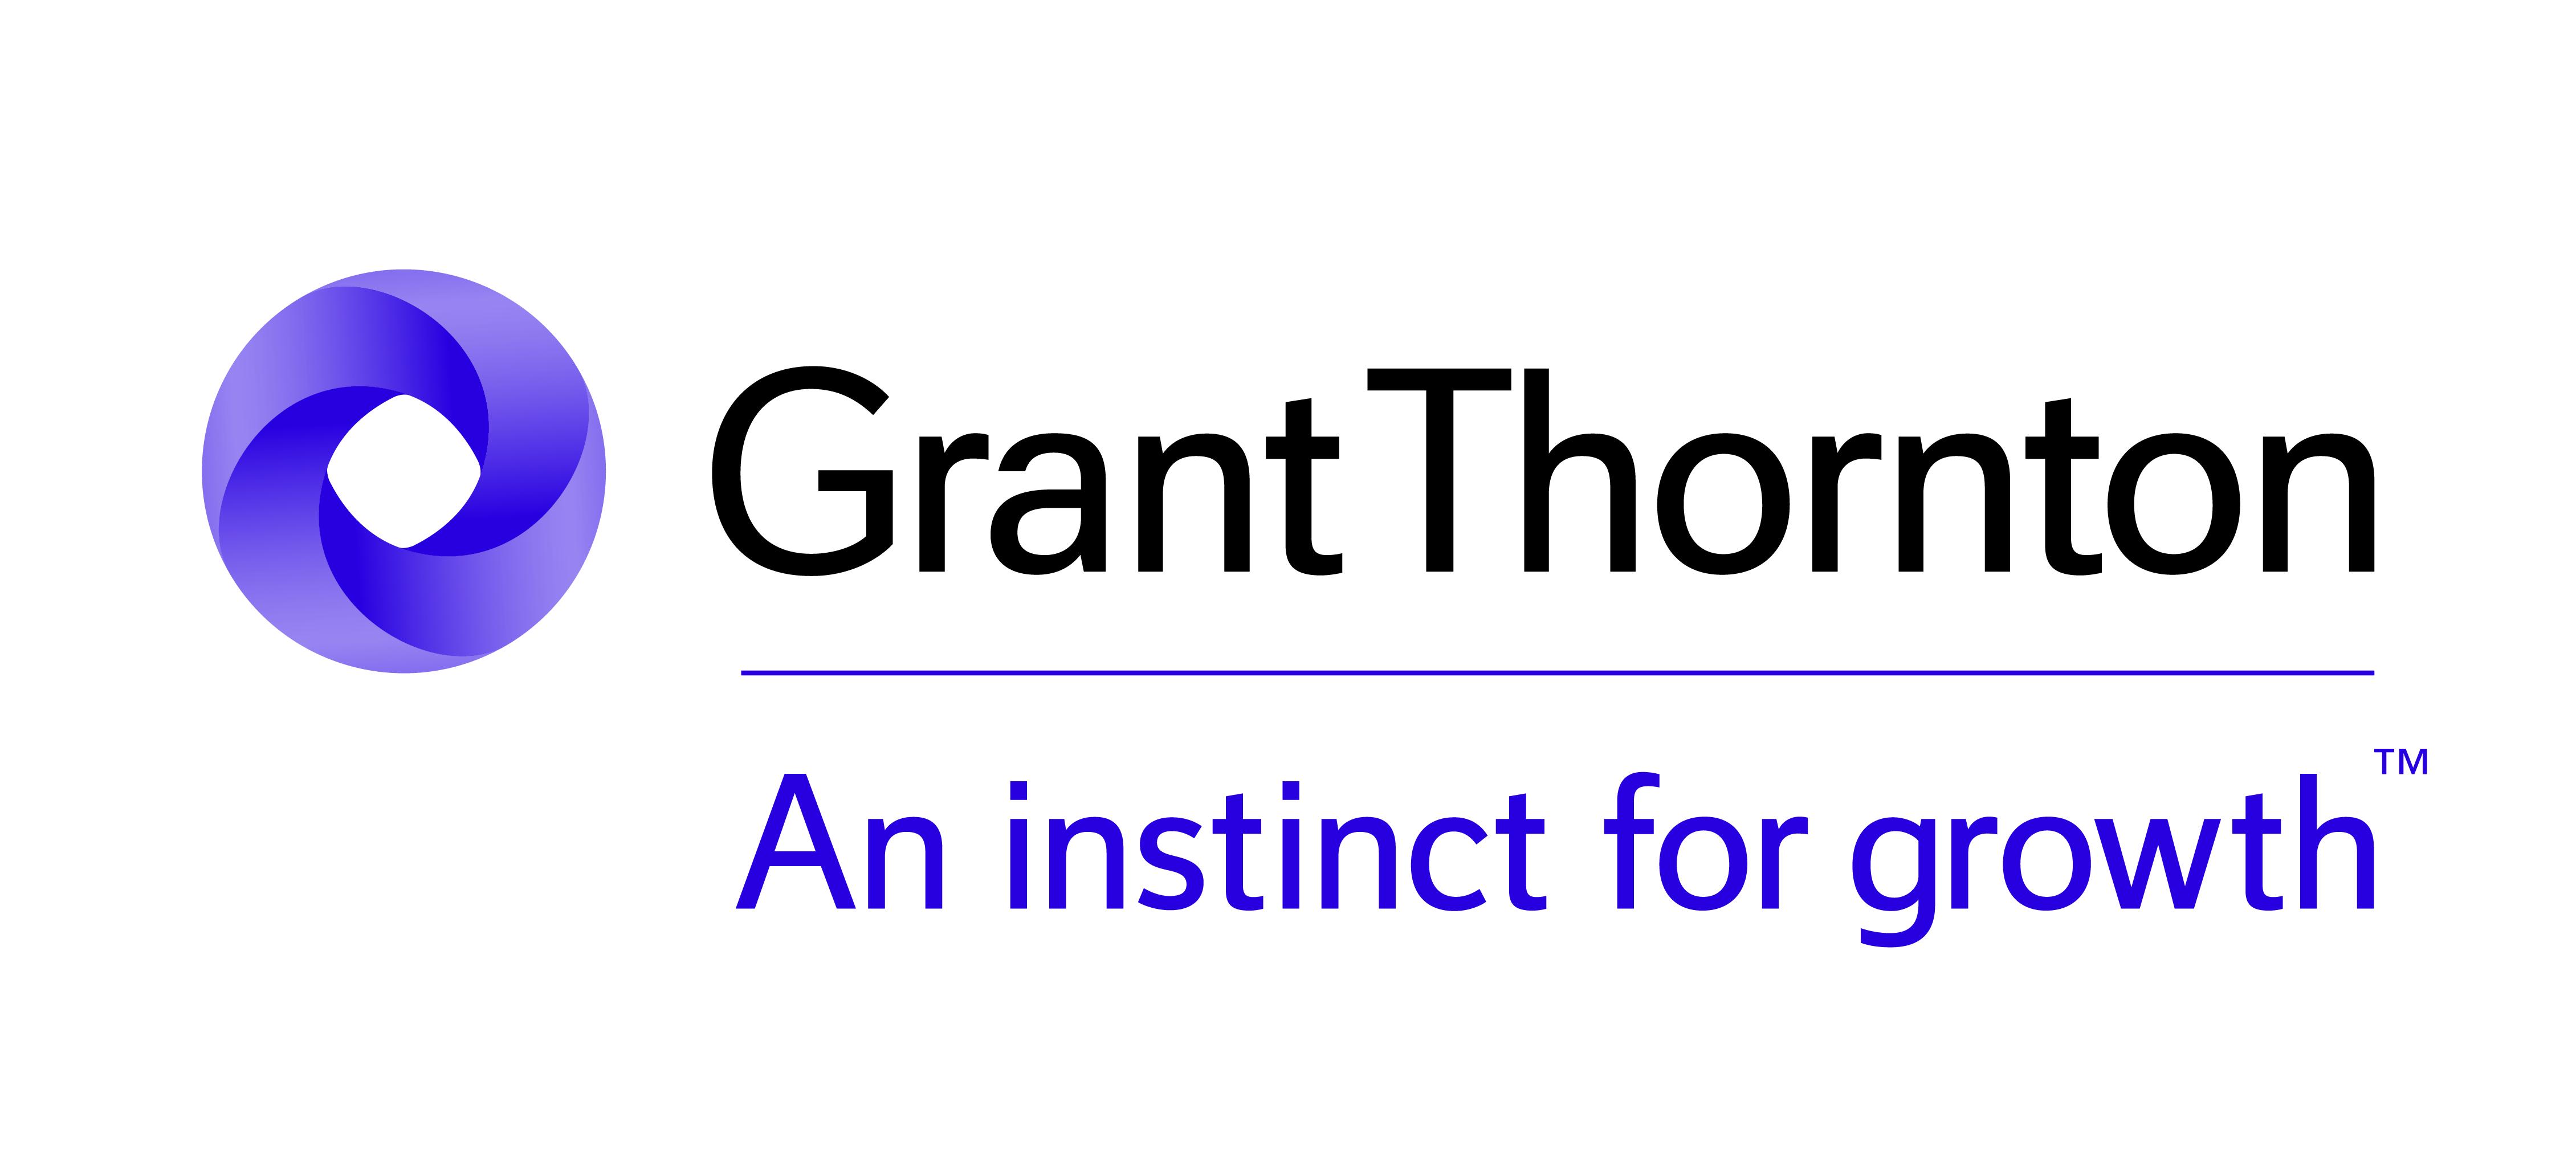 grantthornton.global